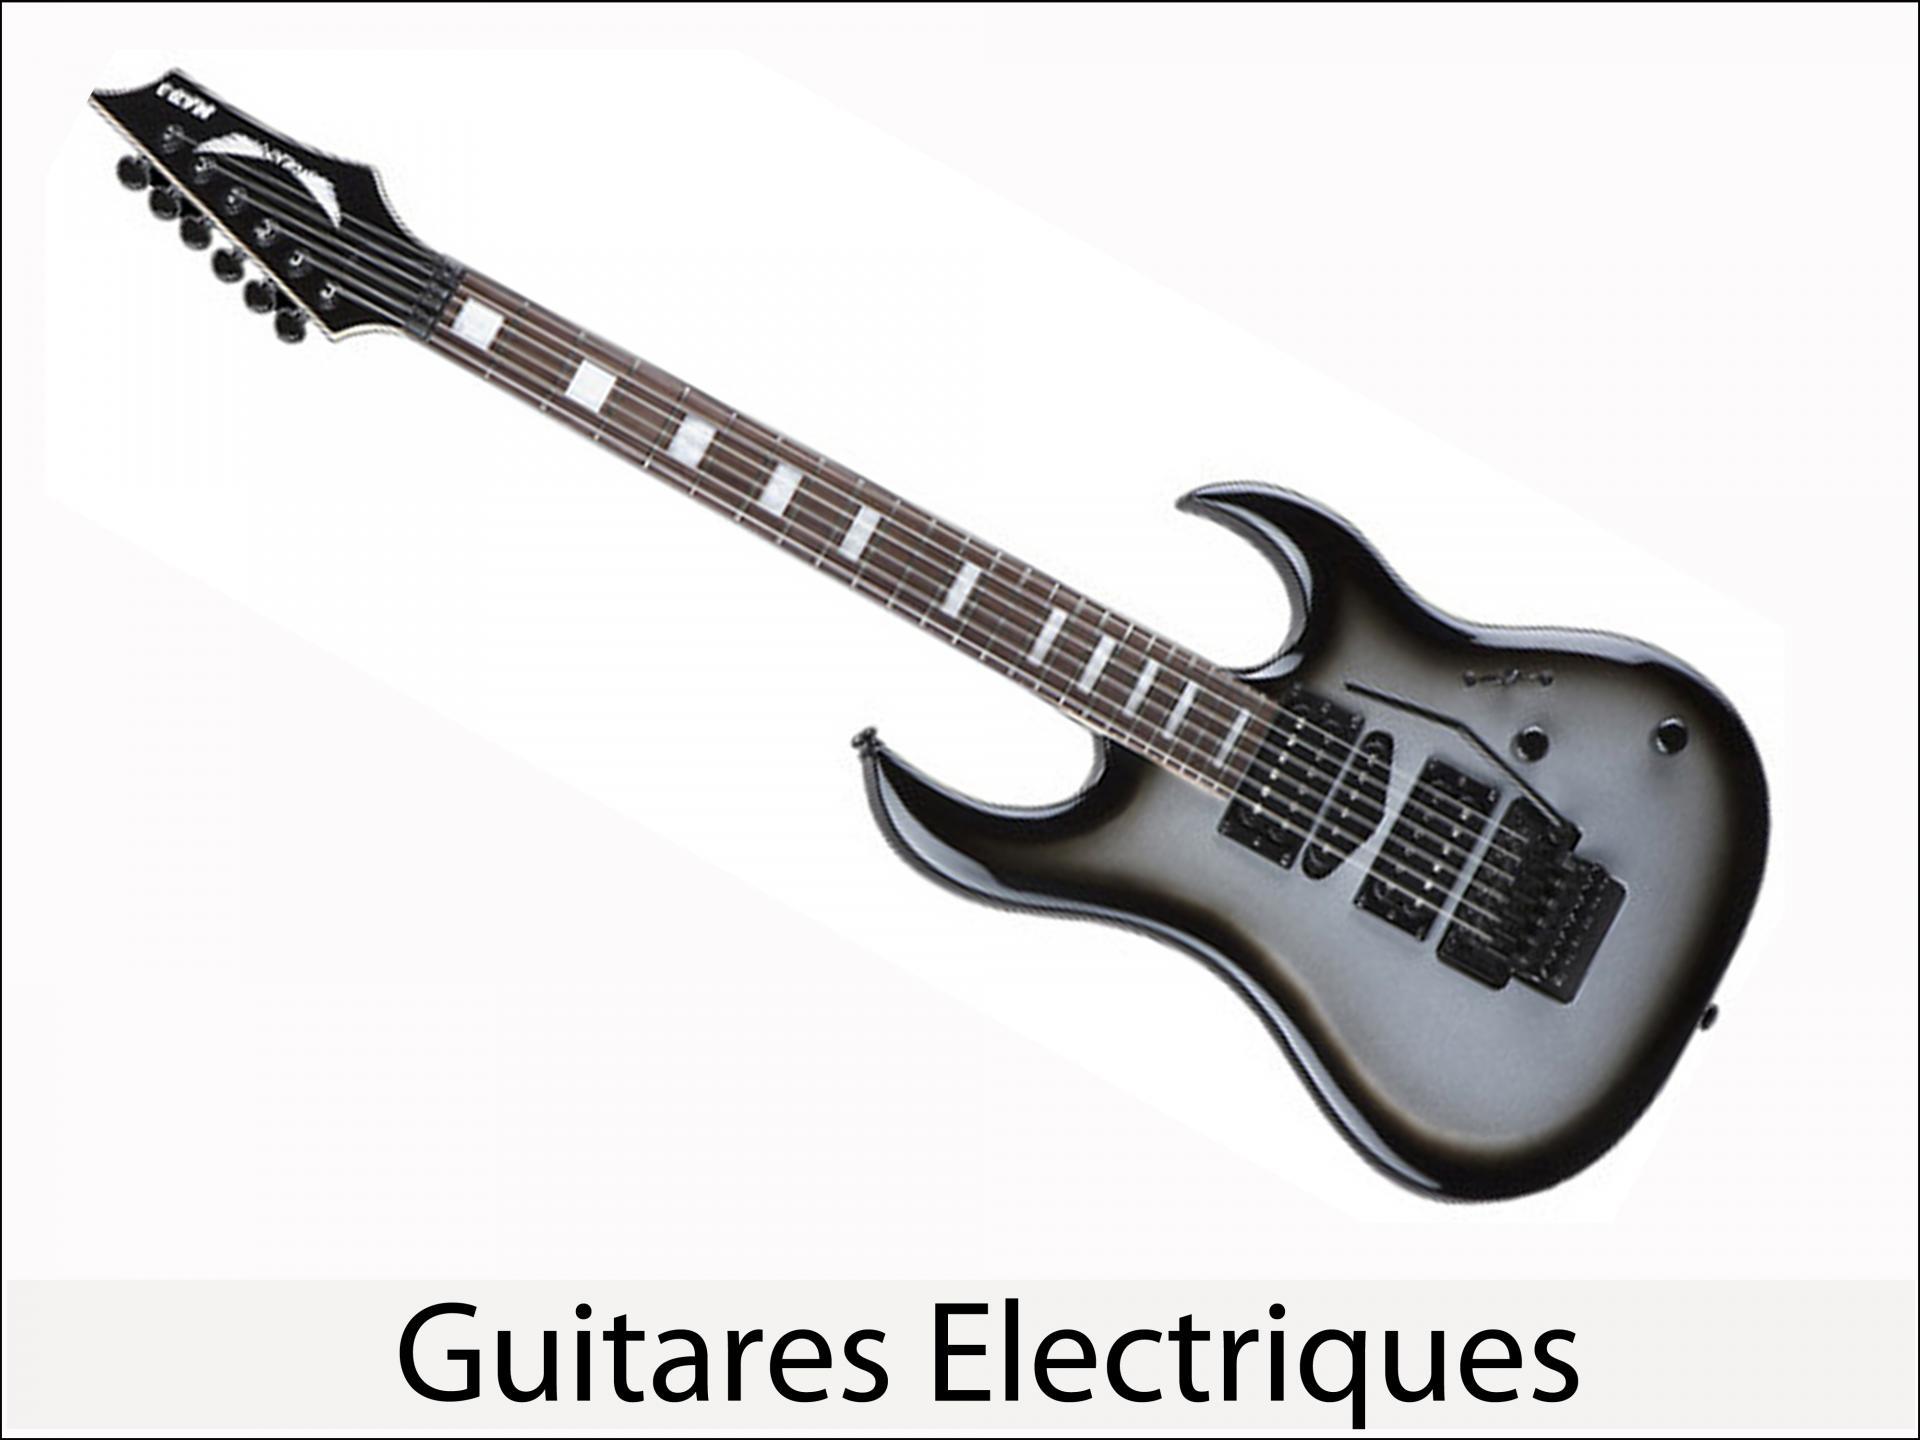 Acceuil carre guitares electriques